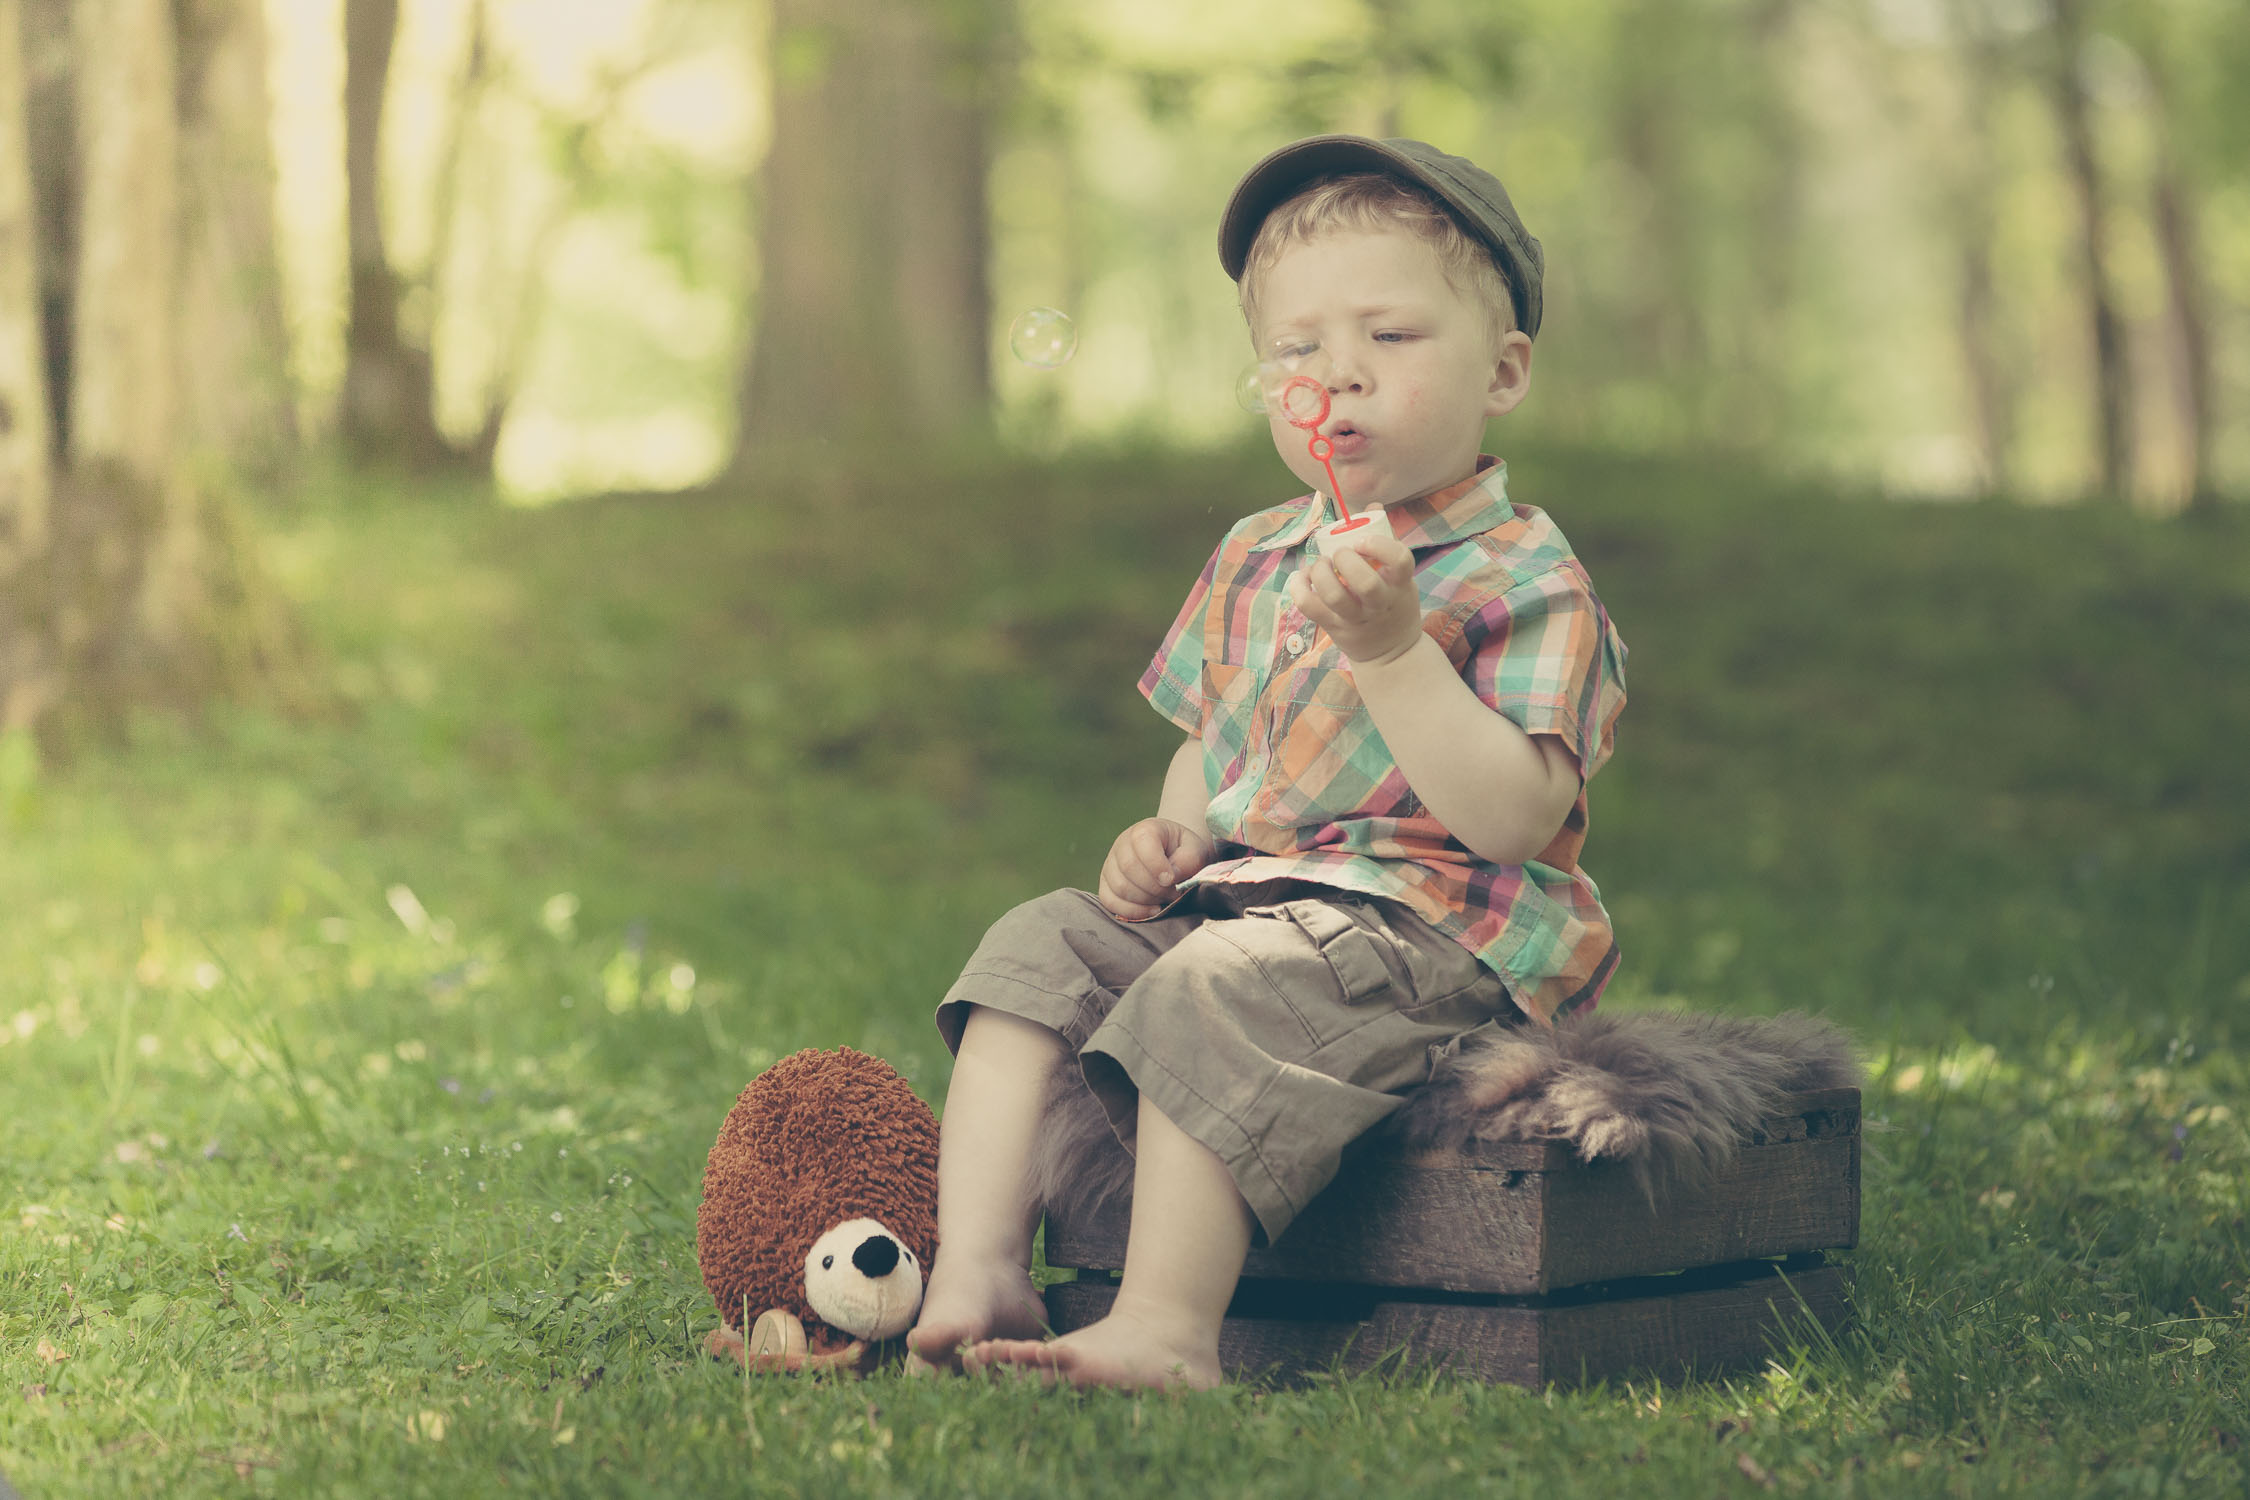 barn-ettaar-1-barnefotograf-barnefotografering-to-fotograf---3.jpg